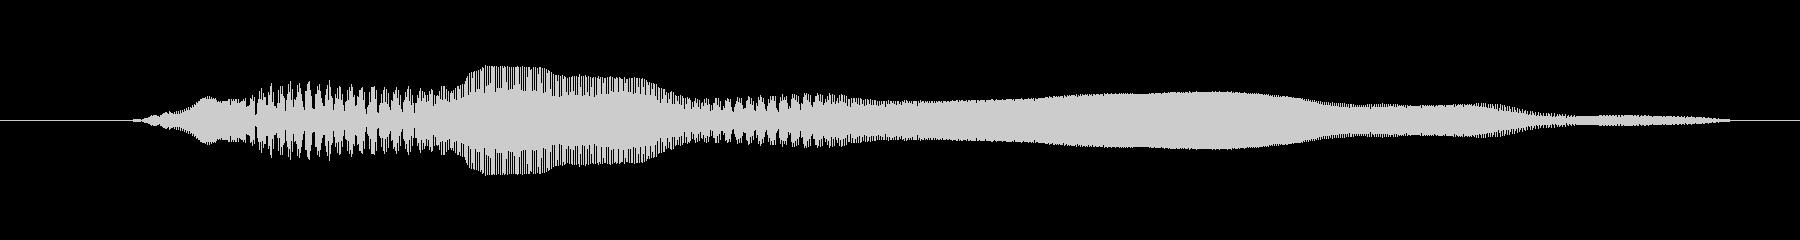 ドワーフ 応援W湖11の未再生の波形